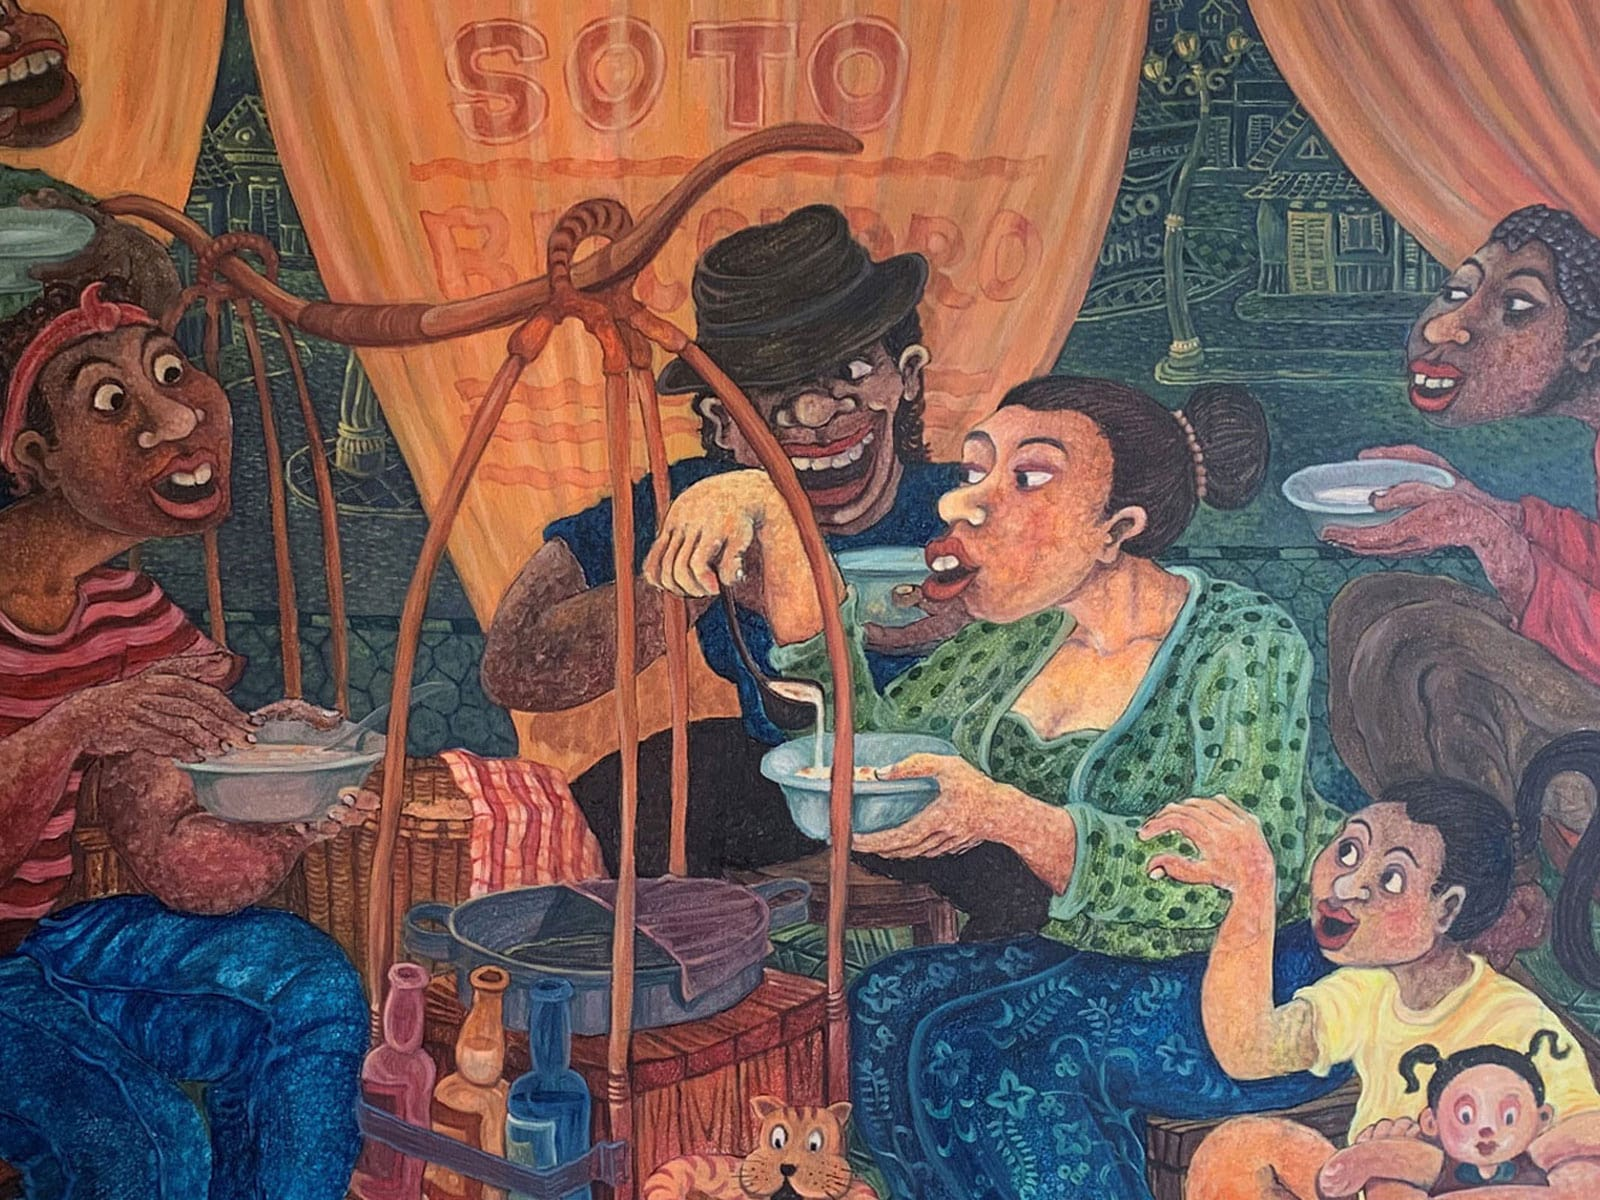 blog indonesische schilderkunst in de winkel van rama tours holland 5